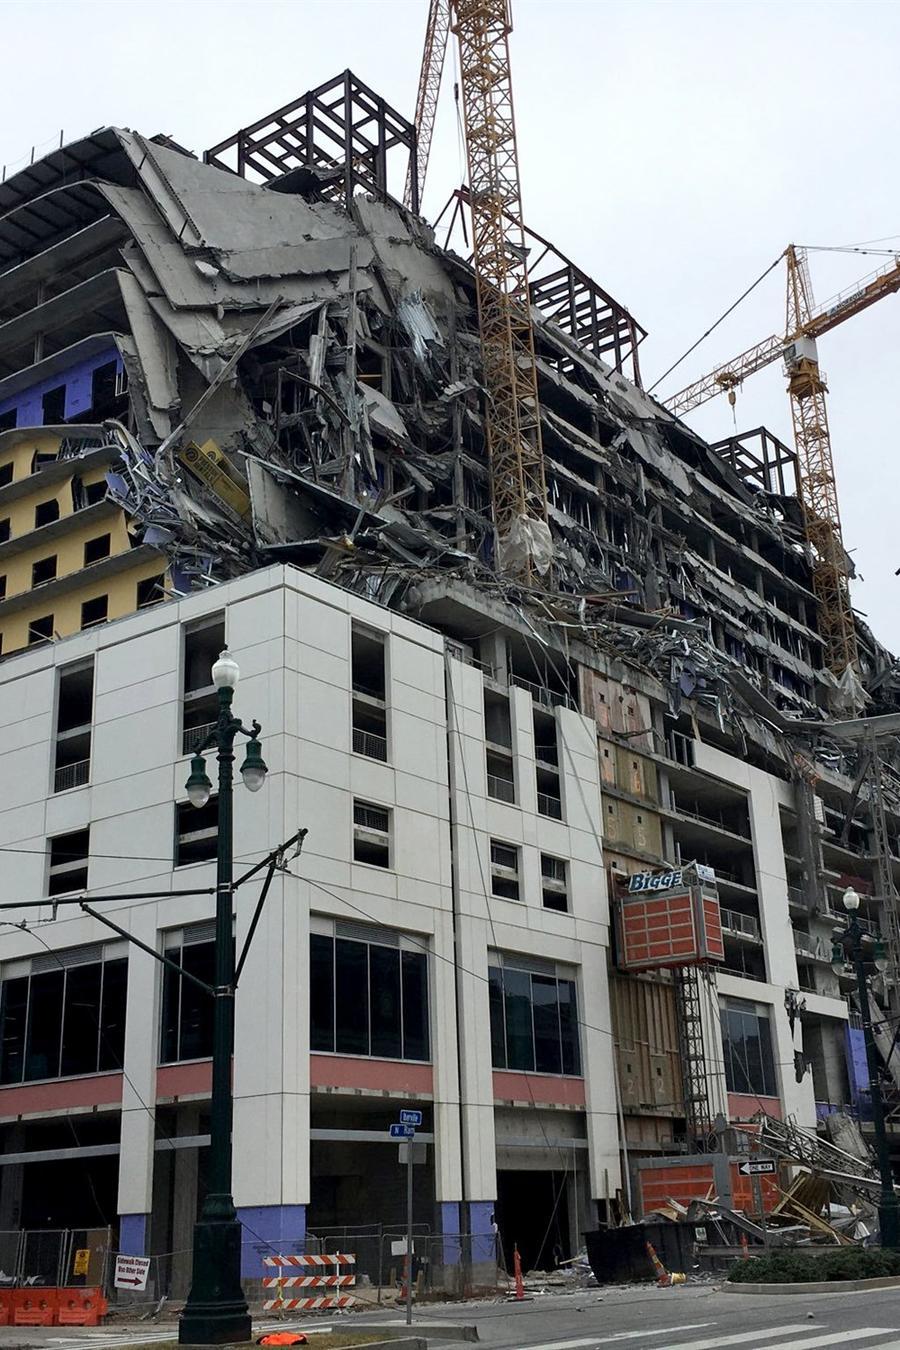 Una imagen del Hard Rock Hotel parcialmente colapsado este sábado en Nueva Orleans, Luisiana.